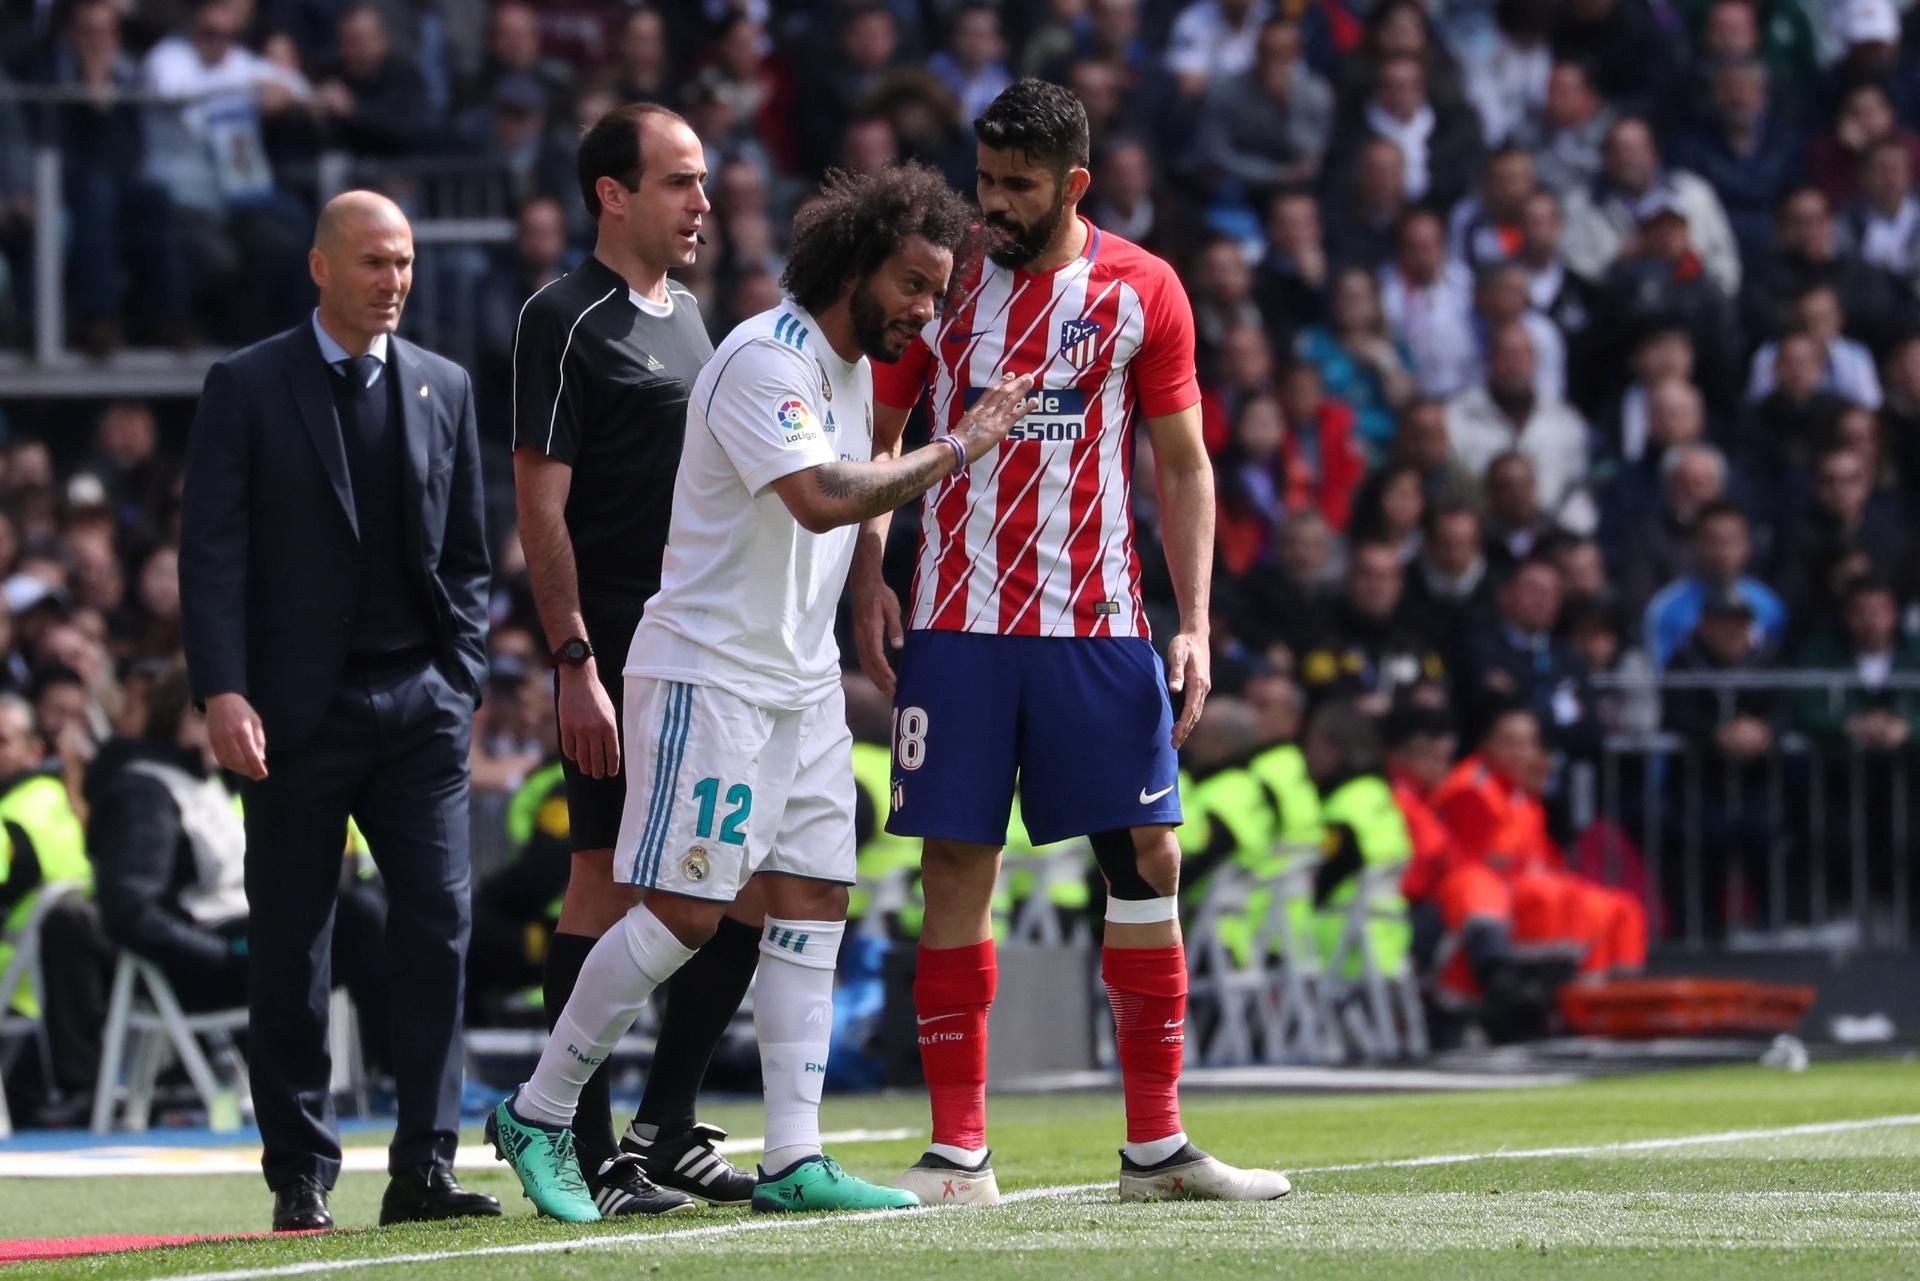 ecd7915101 Real e Atlético empatam em clássico e continuam na briga por vice-liderança  - 08 04 2018 - UOL Esporte